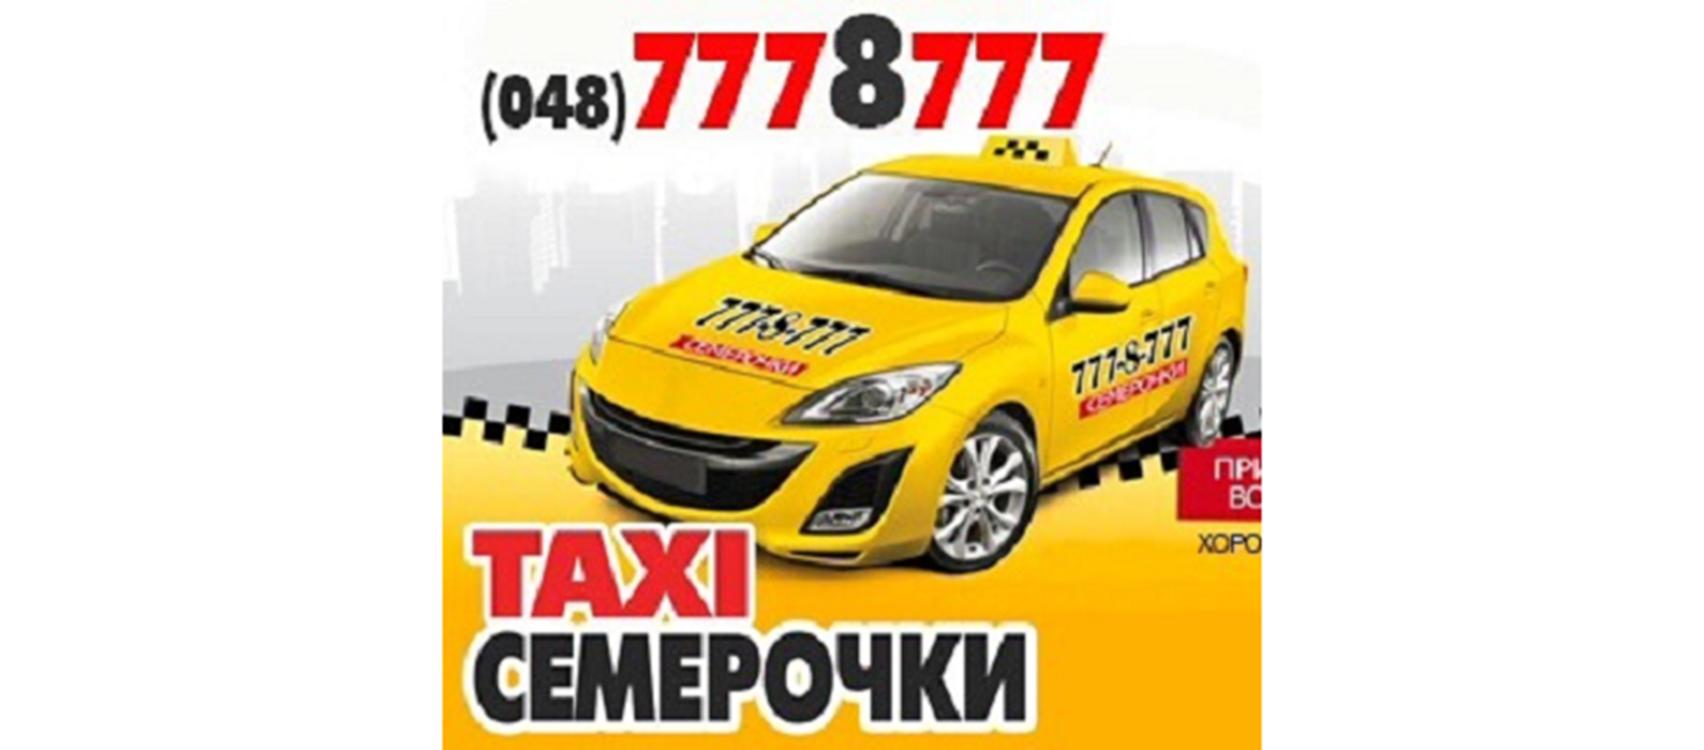 """Таксі """"Семерочки"""" (Одеса)"""